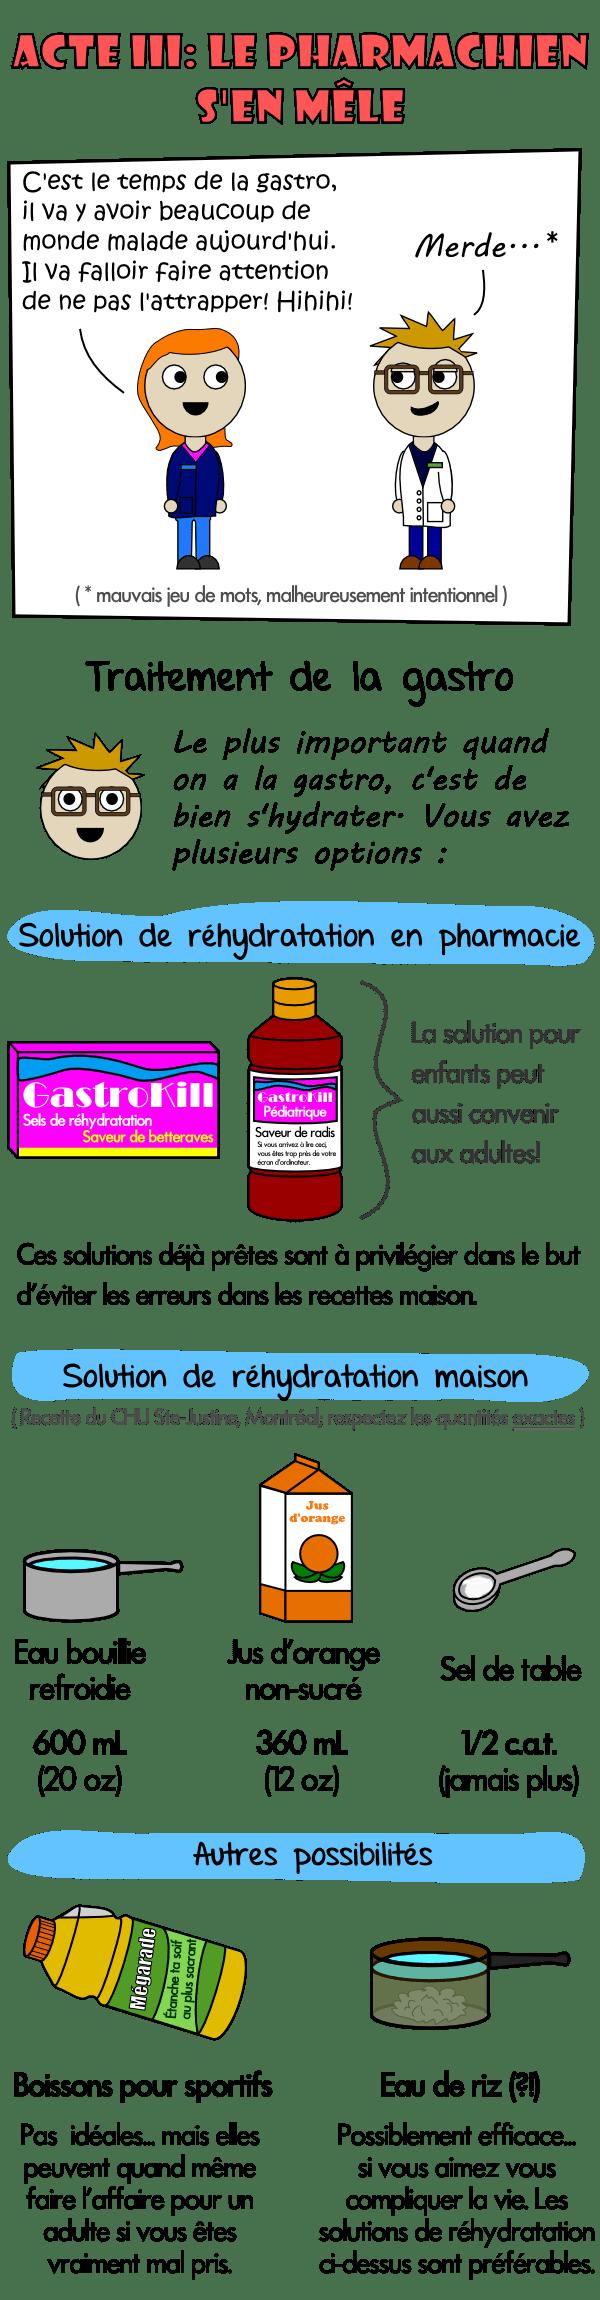 Le Pharmachien s'en mêle (1)